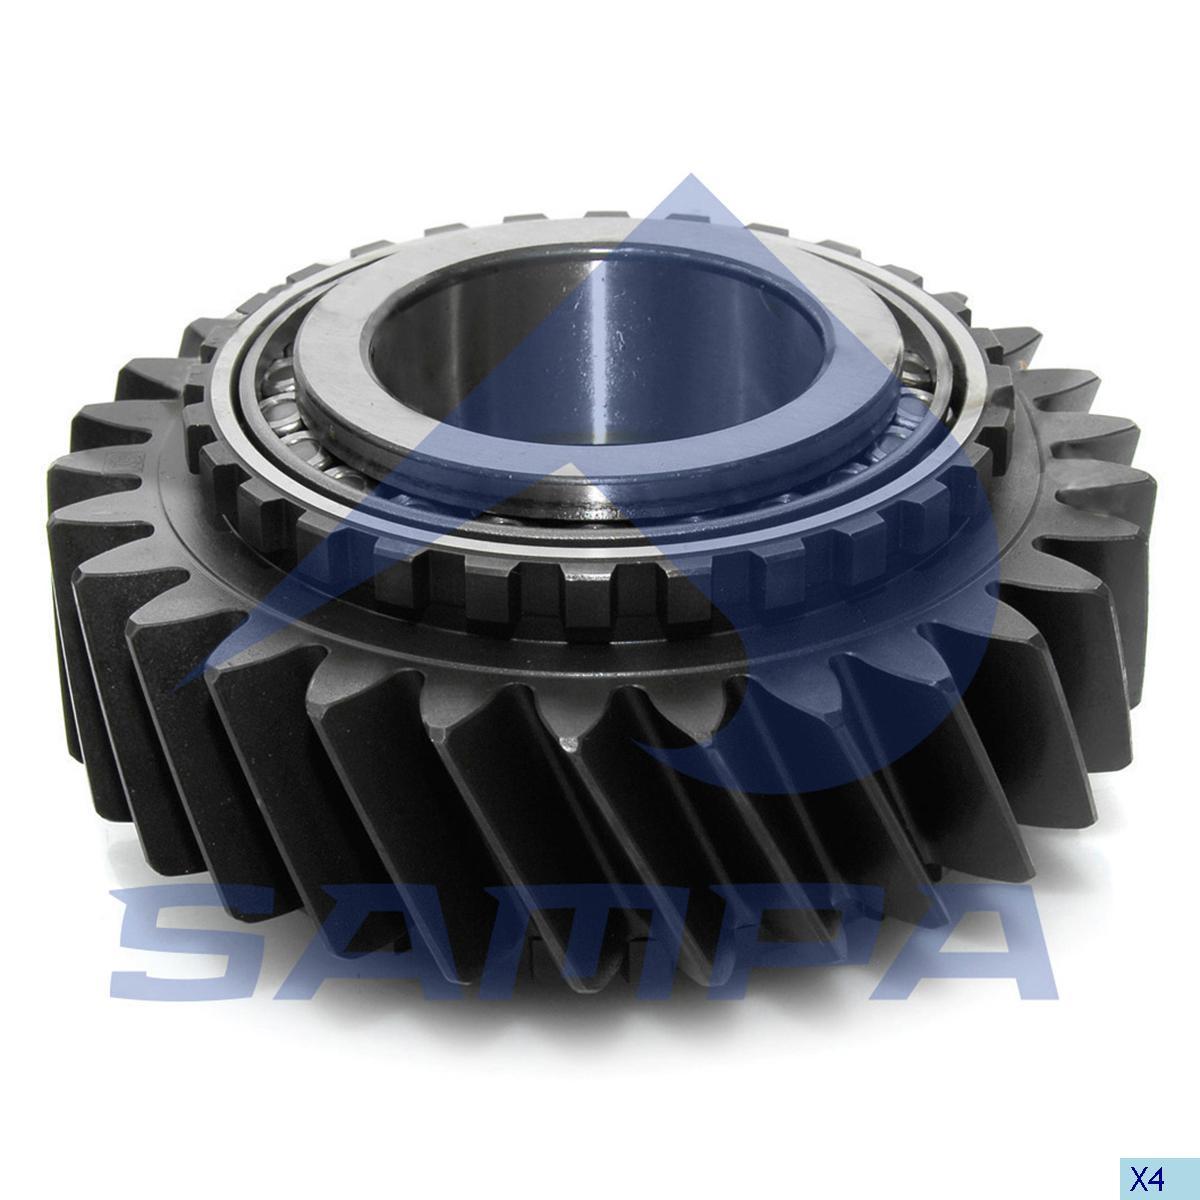 Gear, Main Shaft, Volvo, Gear Box